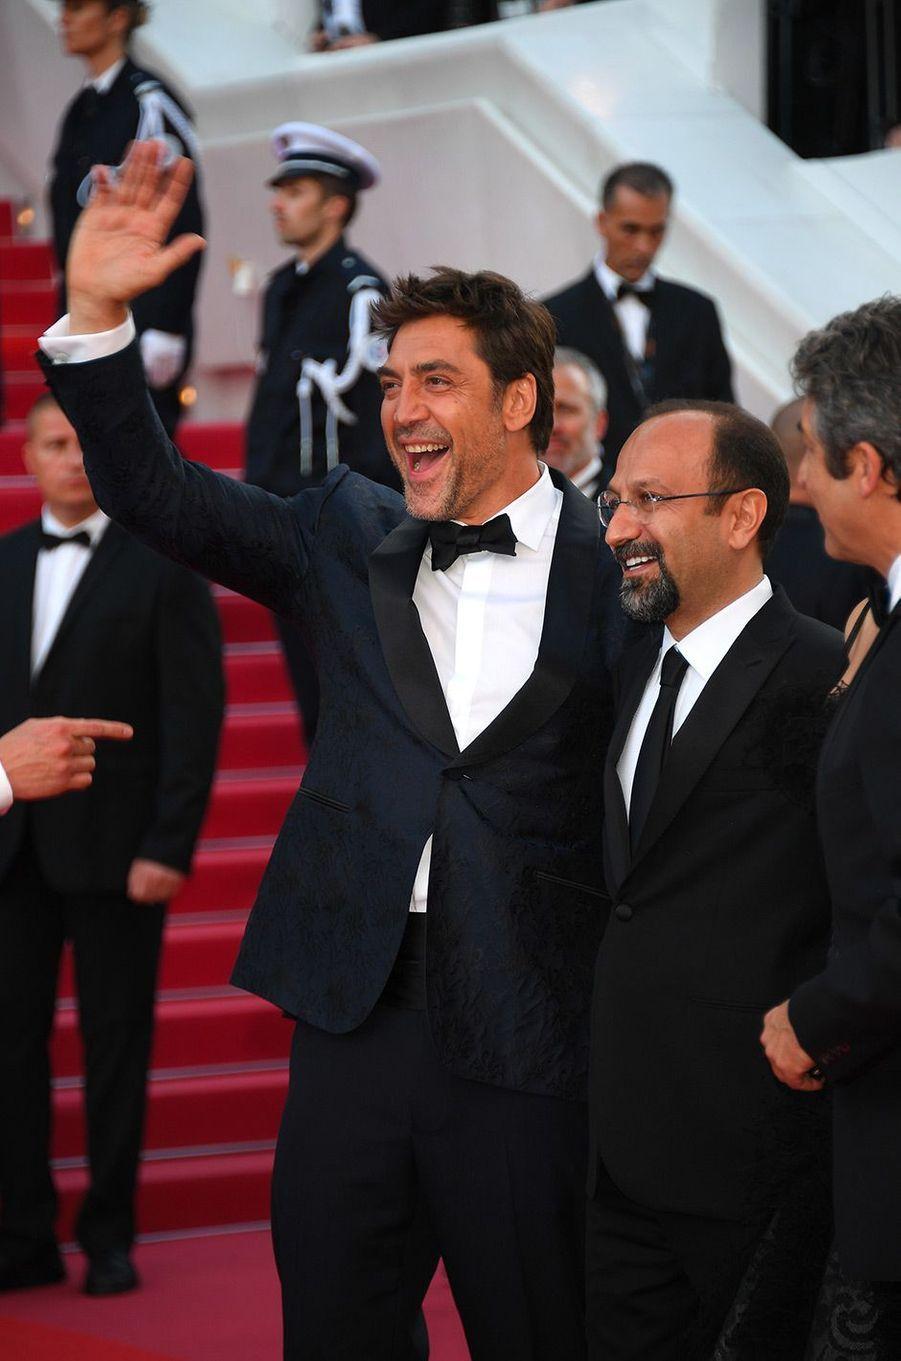 Javier Bardem et Asghar Farhadi à la cérémonie d'ouverture du 71ème Festival de Cannes